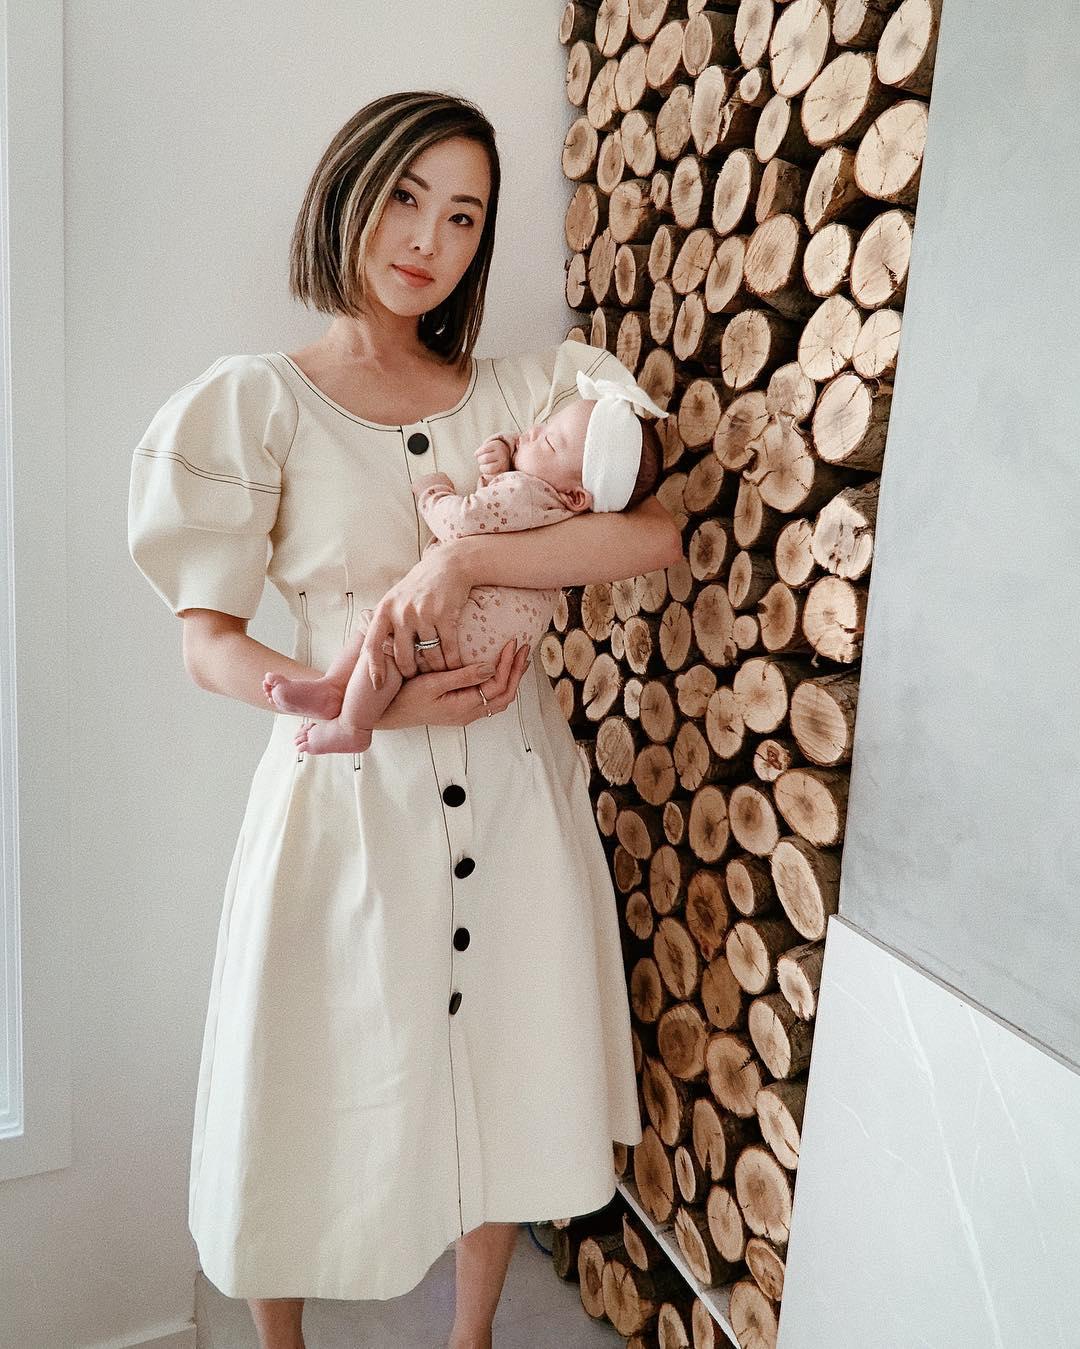 Trang phục ở nhà của Chriselle Lim với đầm tay phồng màu trắng